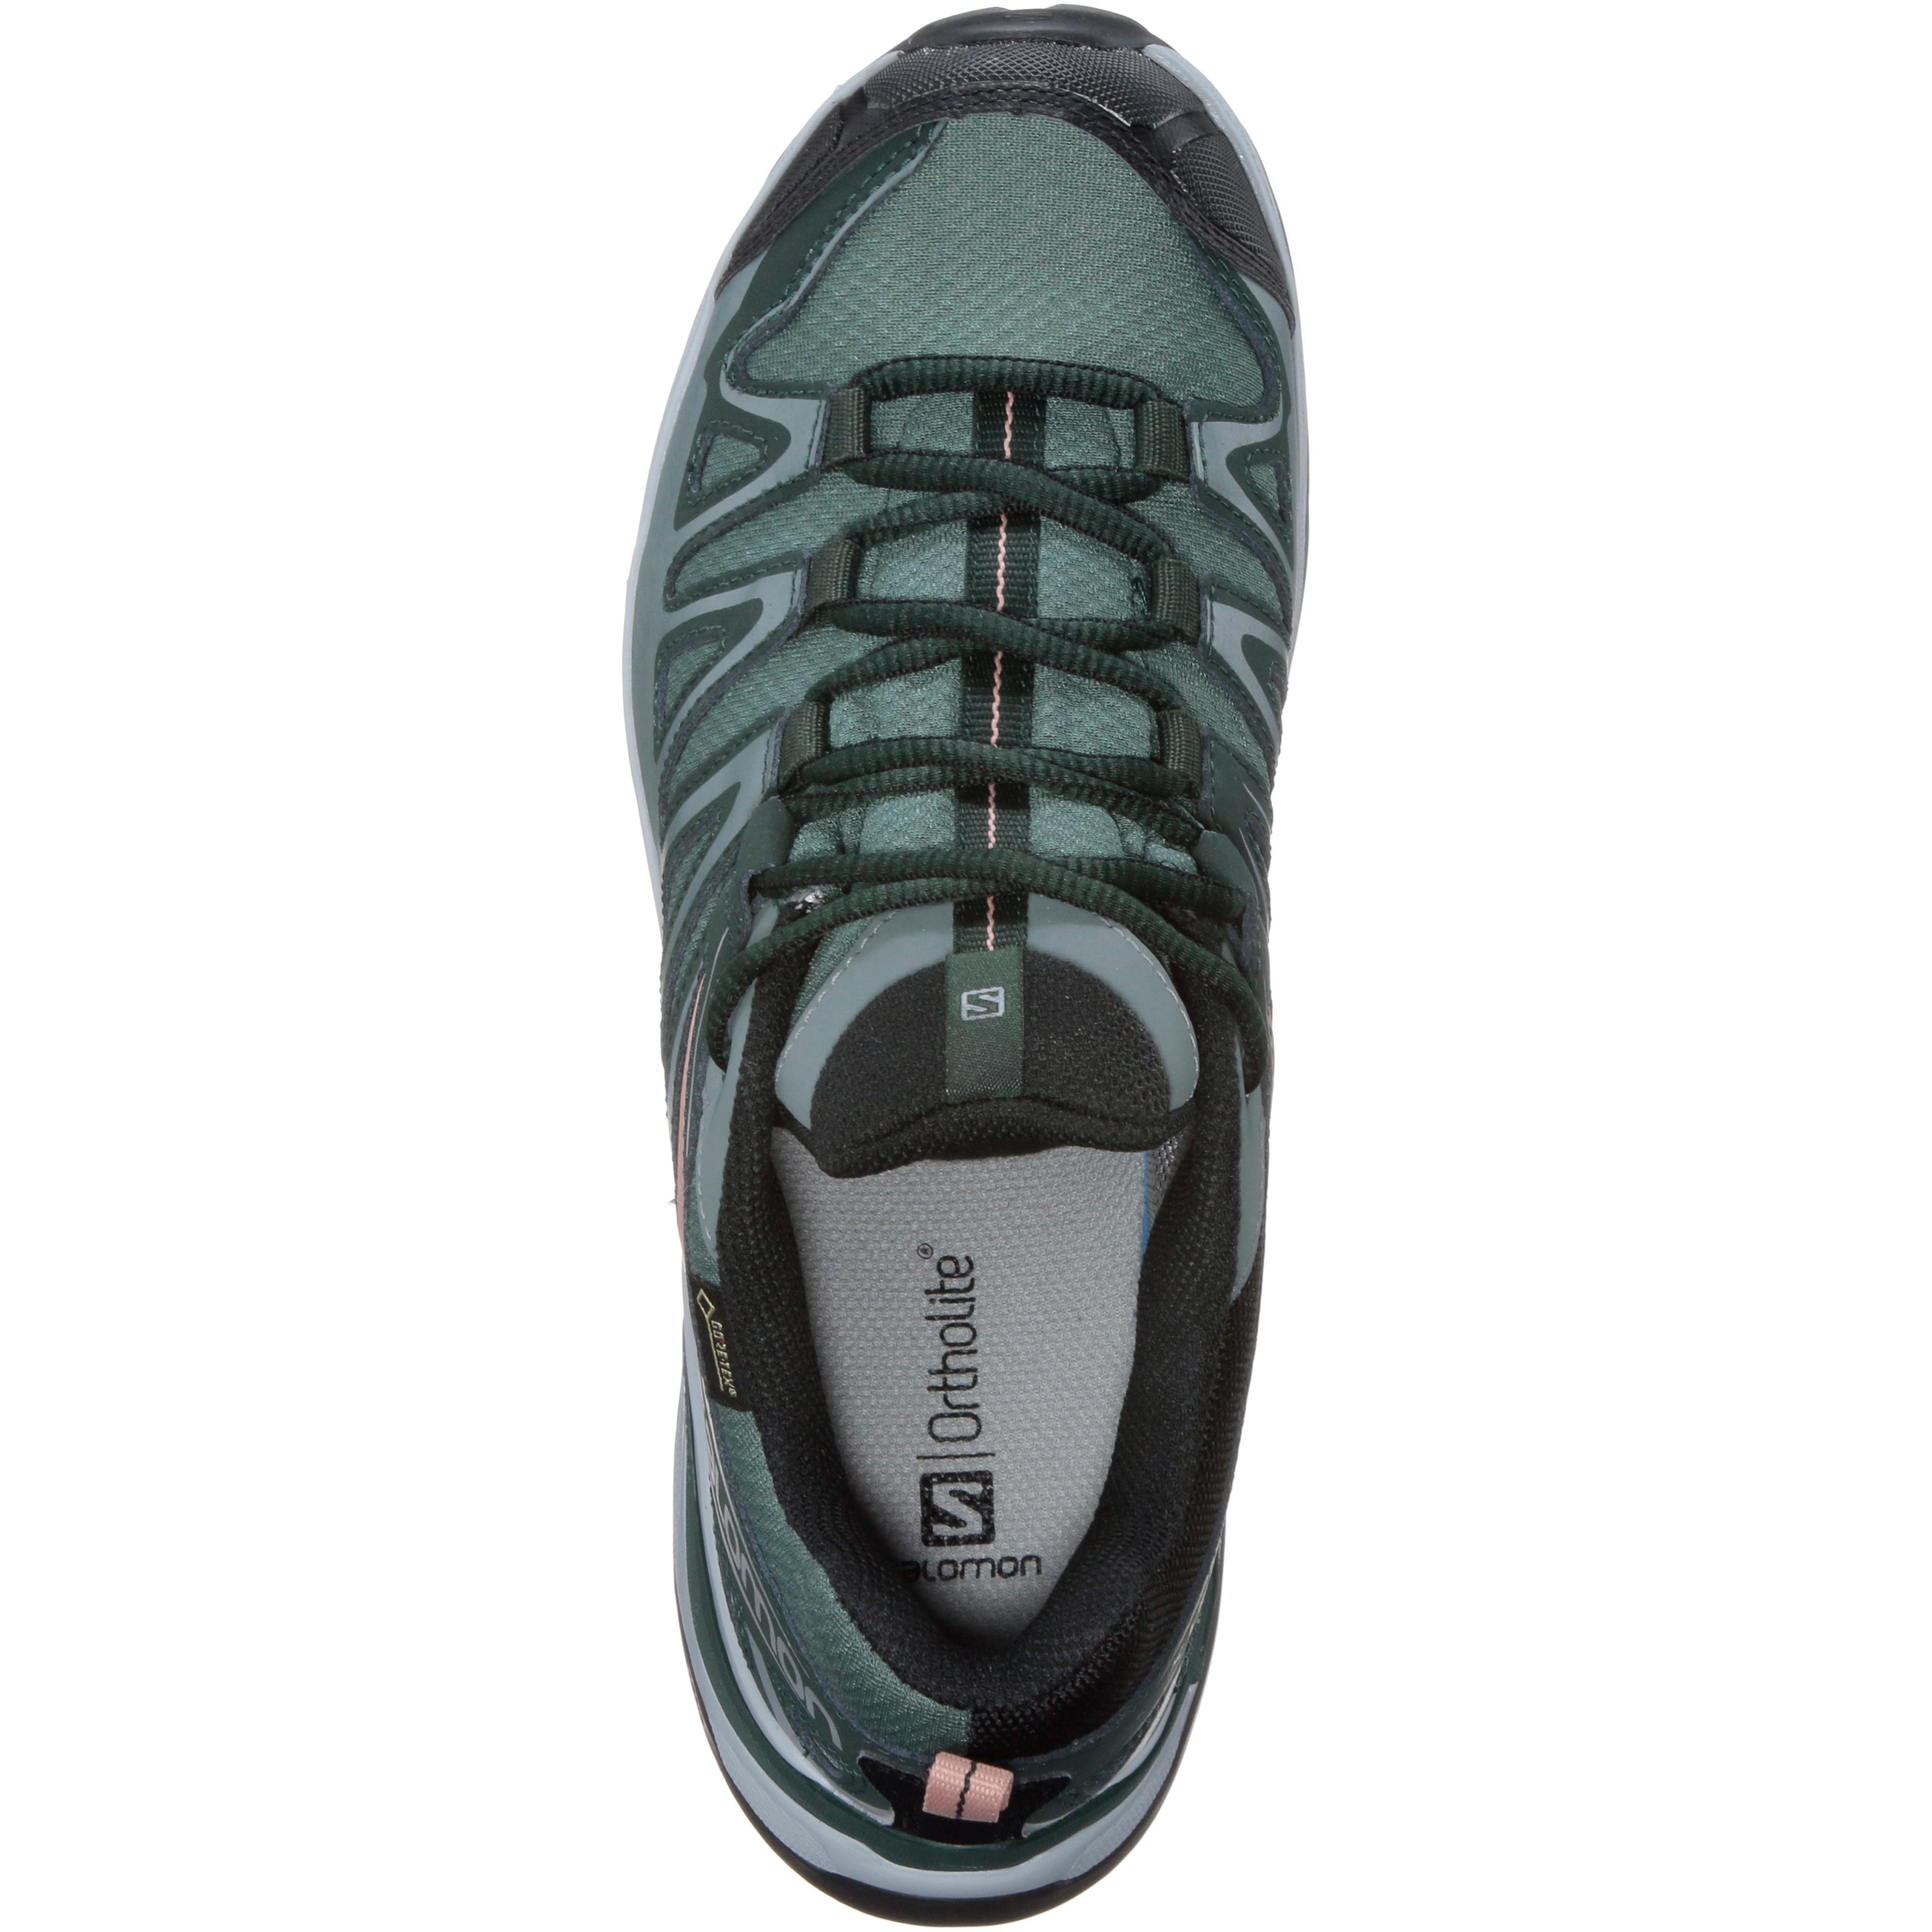 Salomon X ULTRA 3 PRIME GTX® Multifunktionsschuhe Damen im balsam green-darkest spruce-coral a im Damen Online Shop von SportScheck kaufen Gute Qualität beliebte Schuhe 80722d